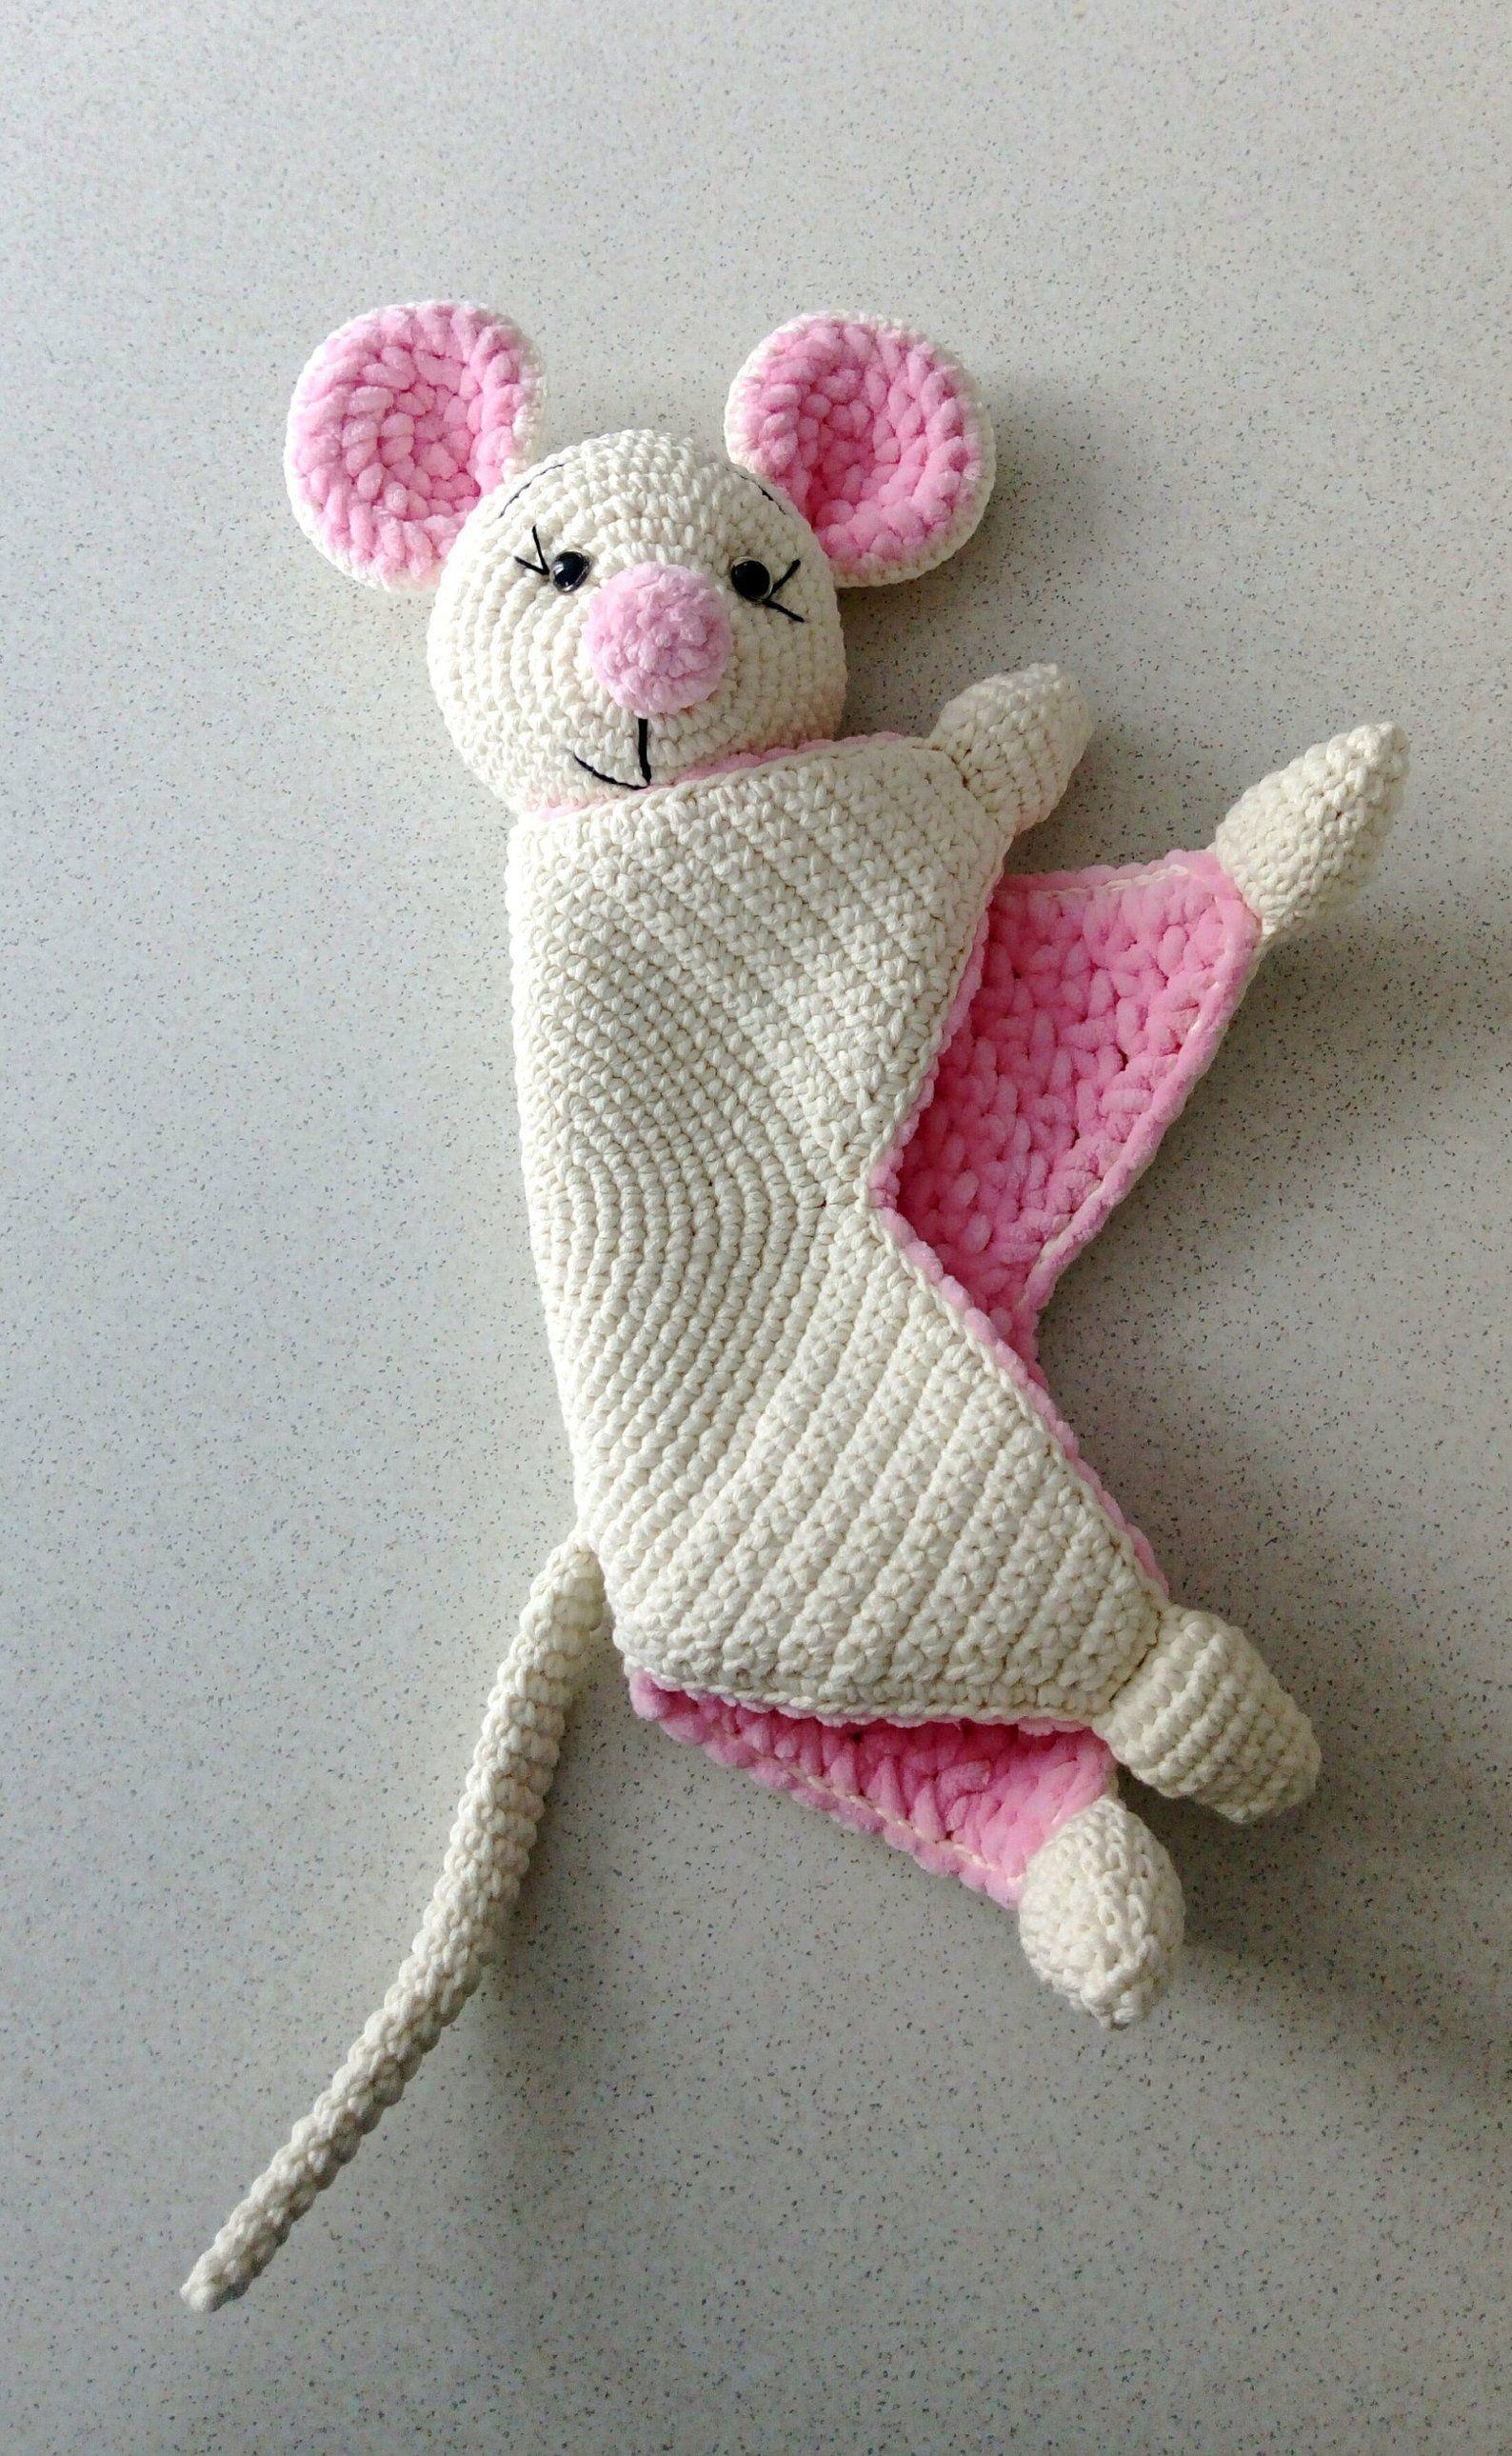 Photo of Ähnliche Artikel wie Kuscheln Sie und spielen Sie Maus häkeln Baby-Decke, Requisiten für Neugeborene auf Etsy